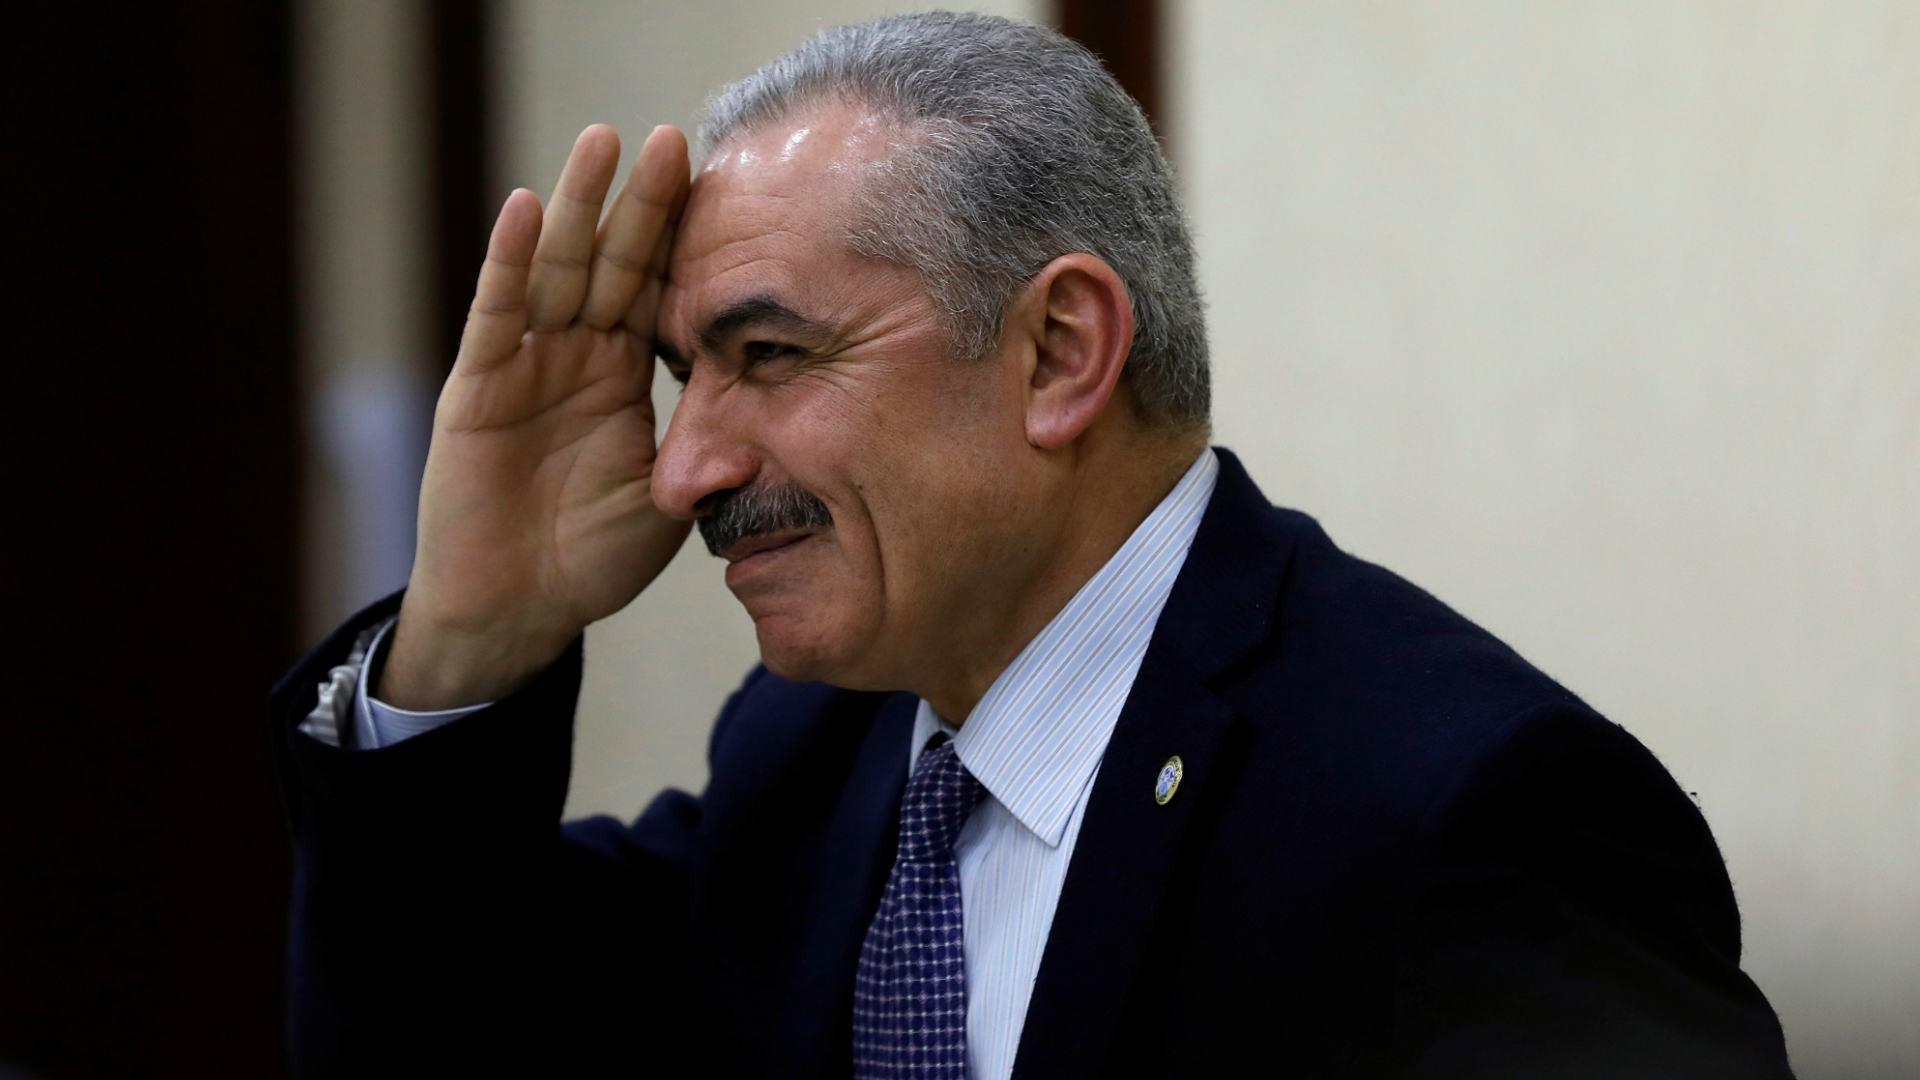 حماس: مشاورات حكومة اشتية غير وطنية وتعزز الانفصال